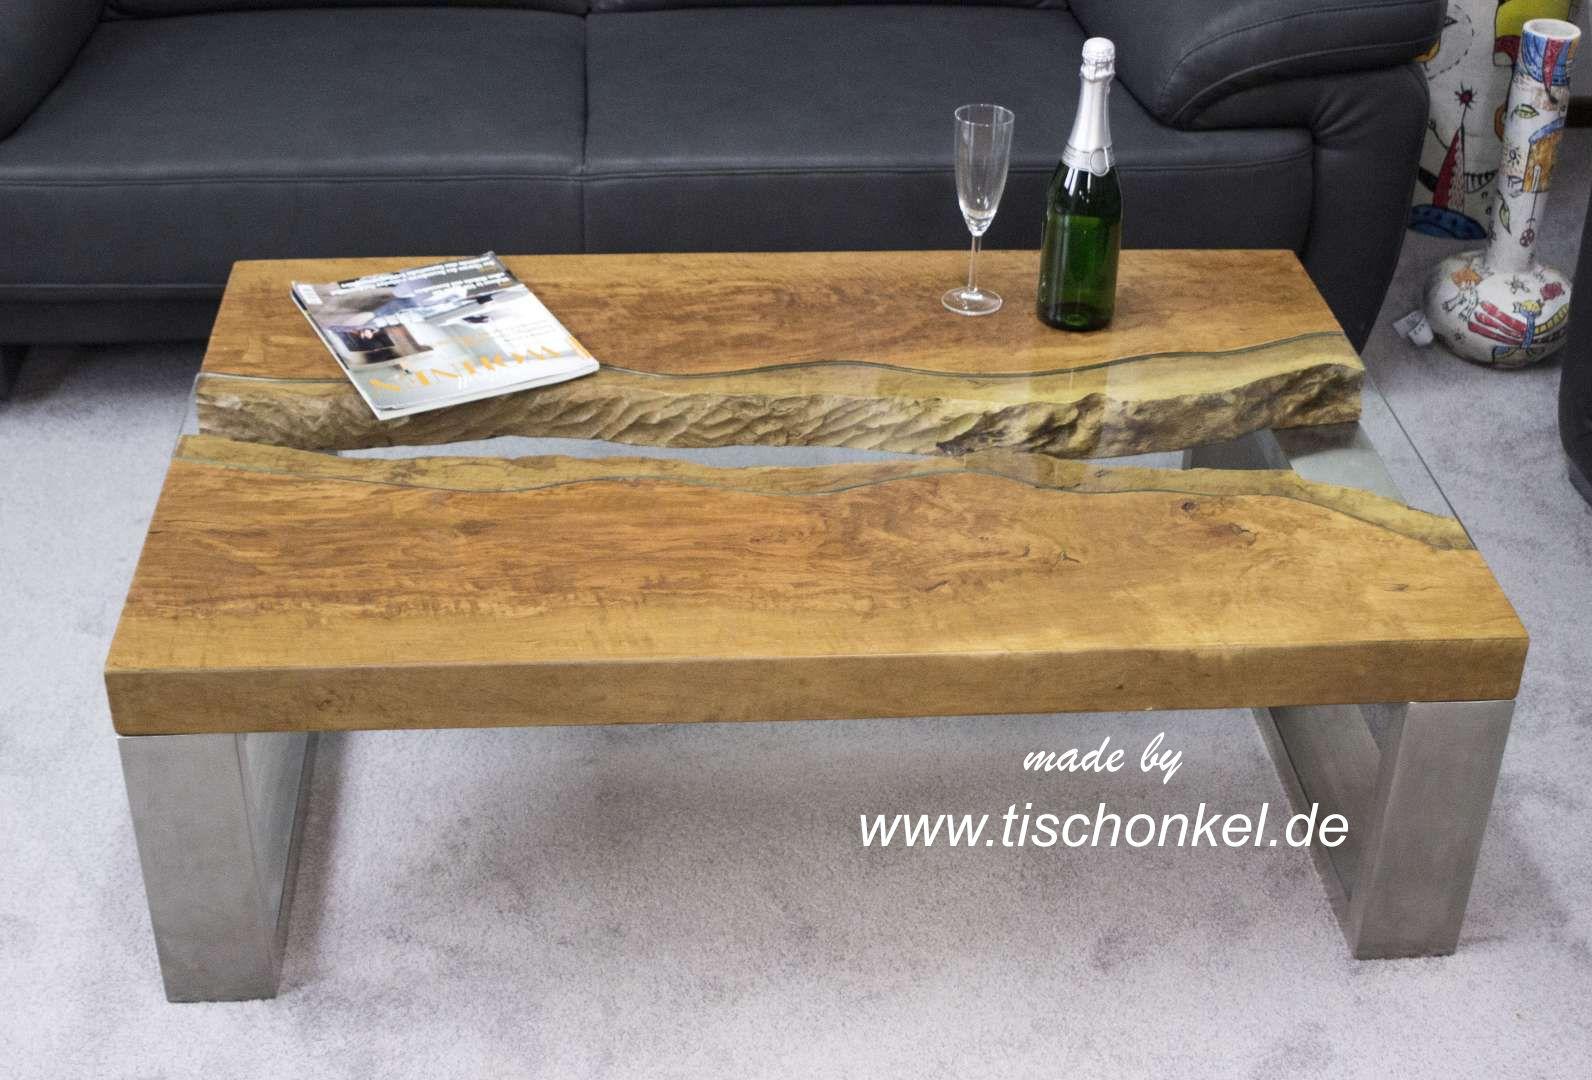 couchtisch aus massivholz litschi der tischonkel. Black Bedroom Furniture Sets. Home Design Ideas